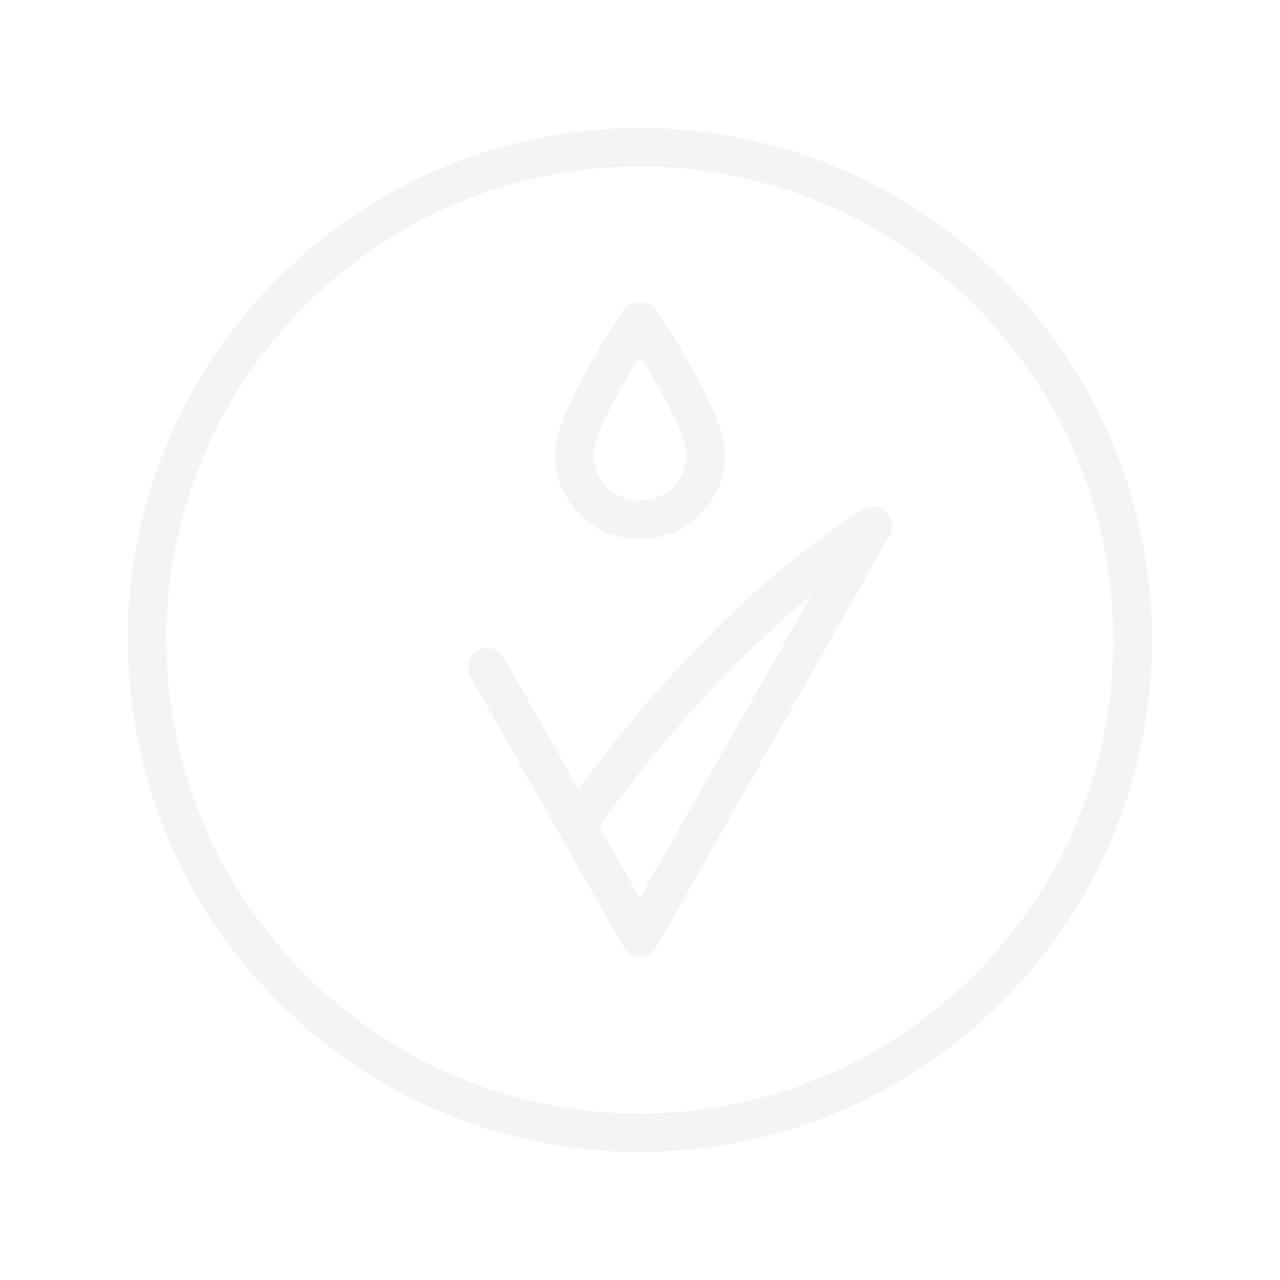 WELLA PROFESSIONALS Invigo Color Brilliance Shampoo (Fine/Normal Hair) 1000ml